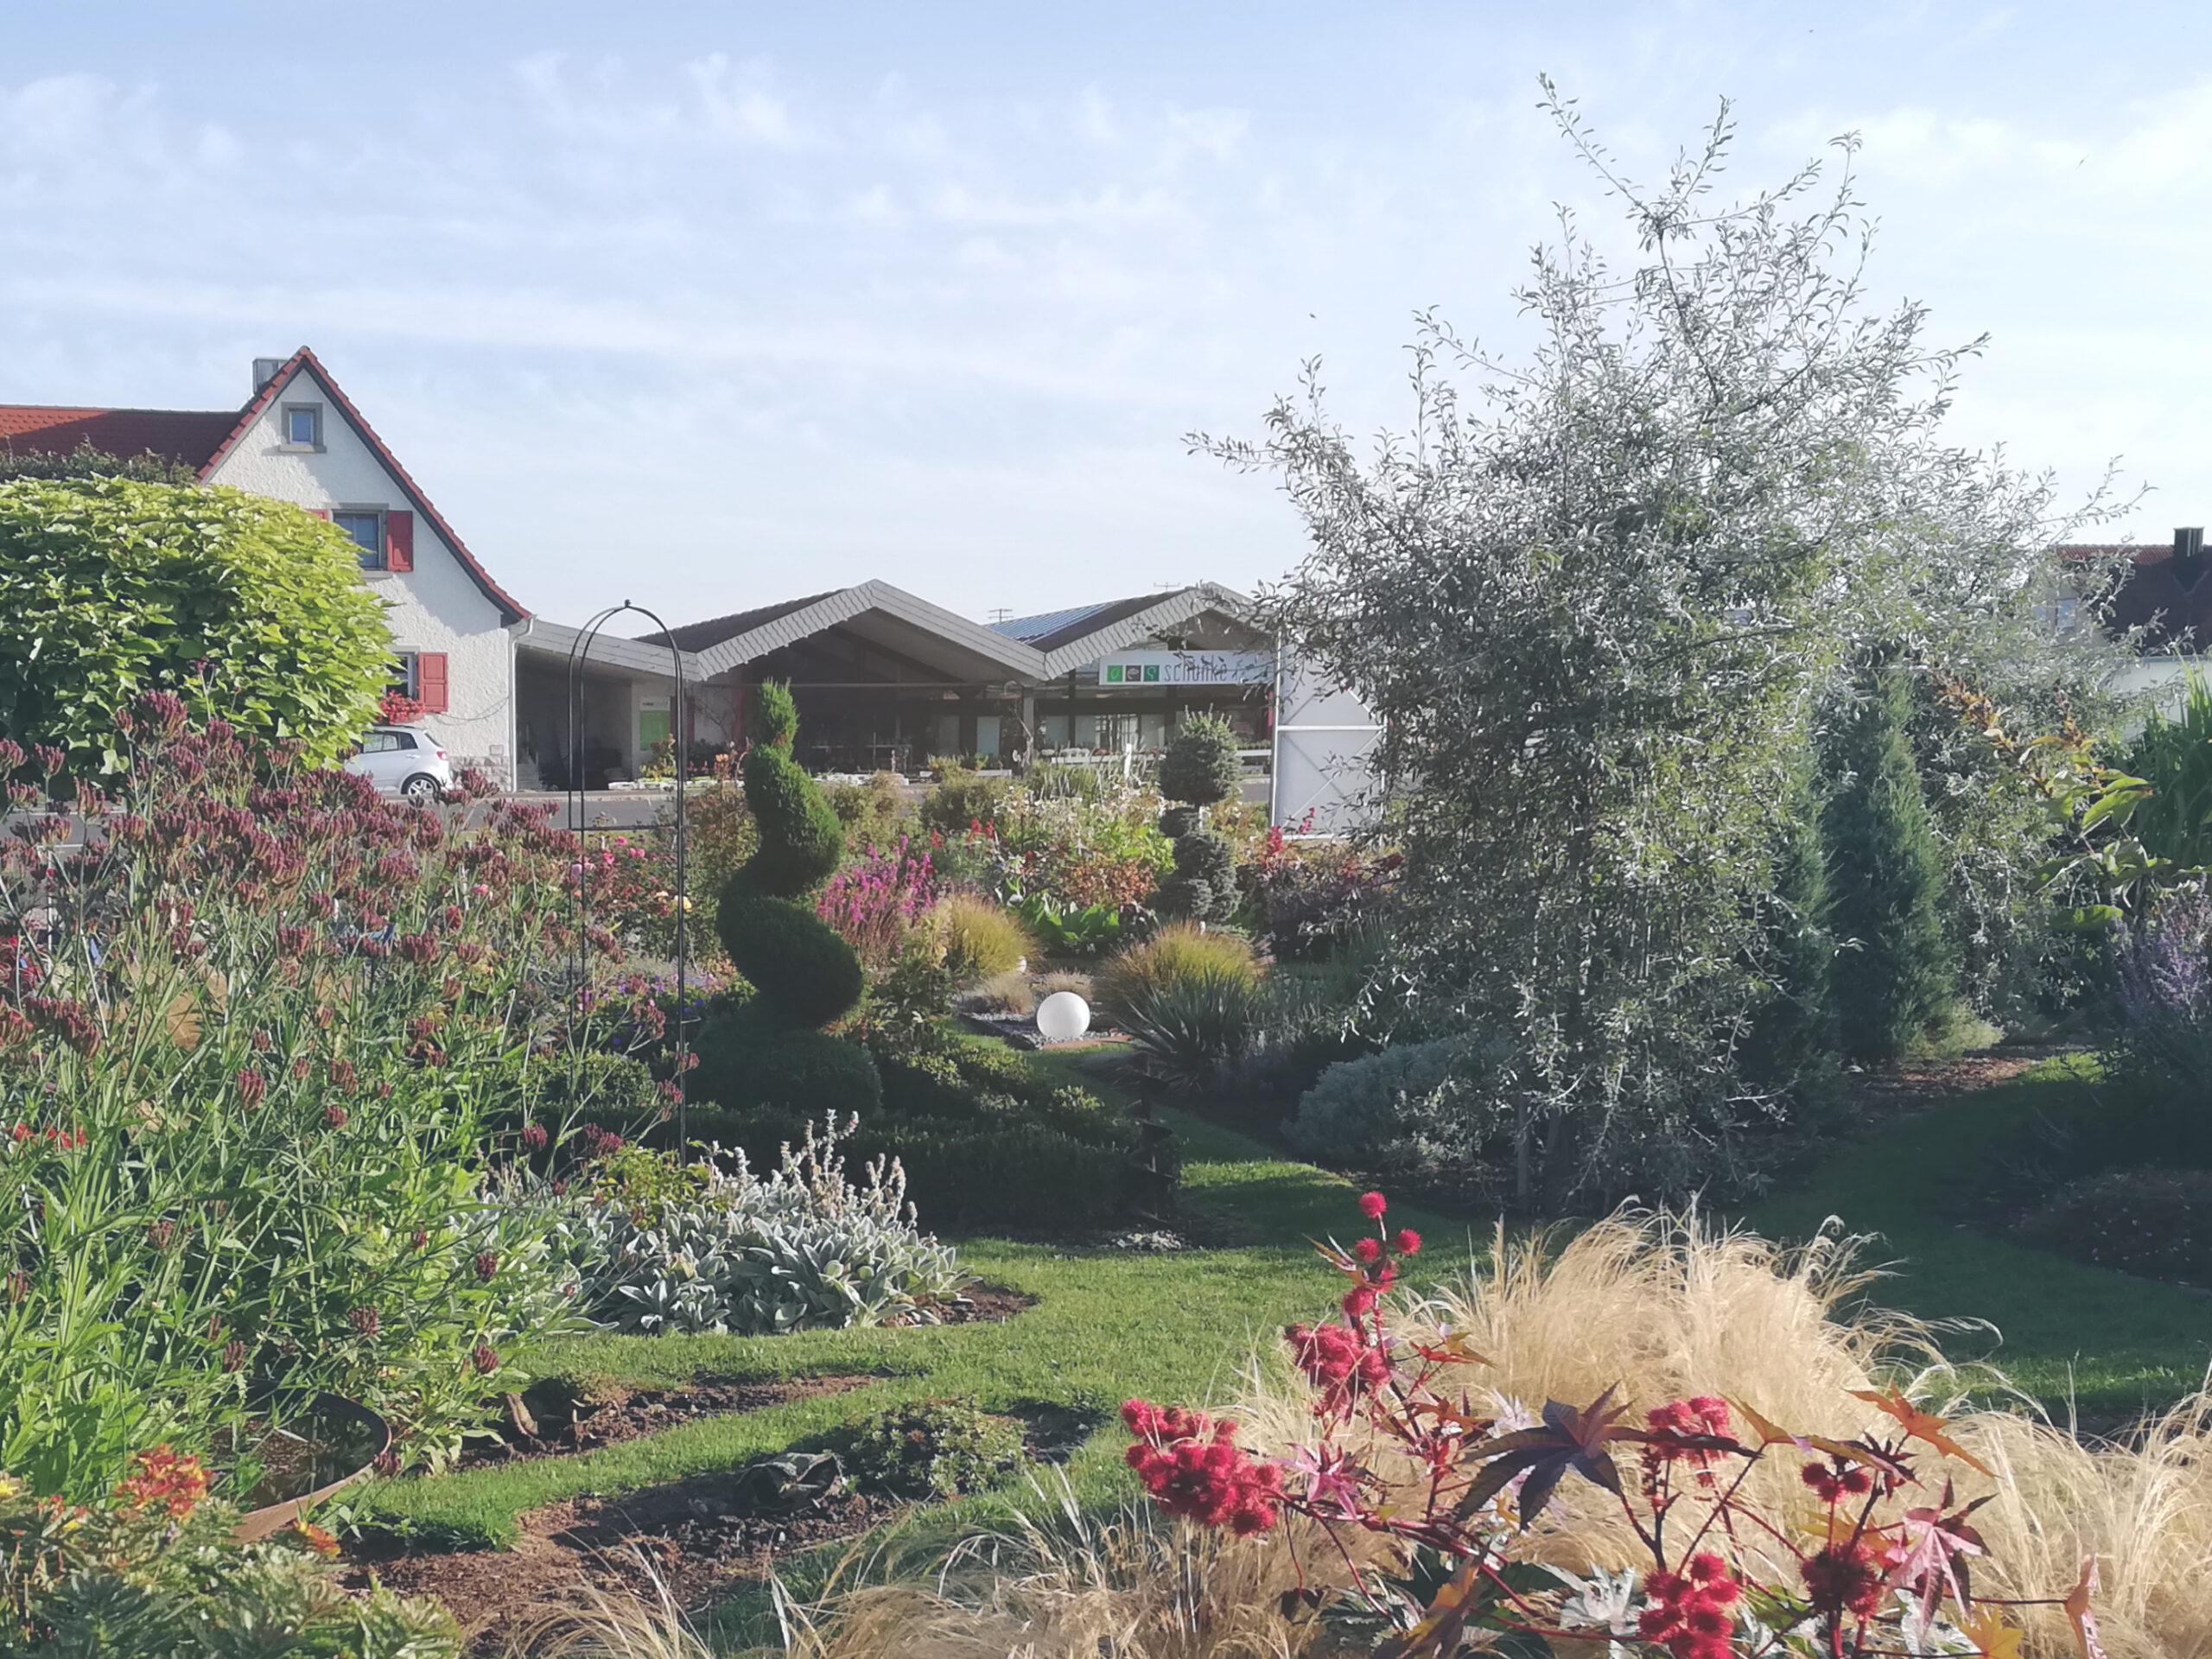 Gärtnerei Schunke mit Garten und Eingang